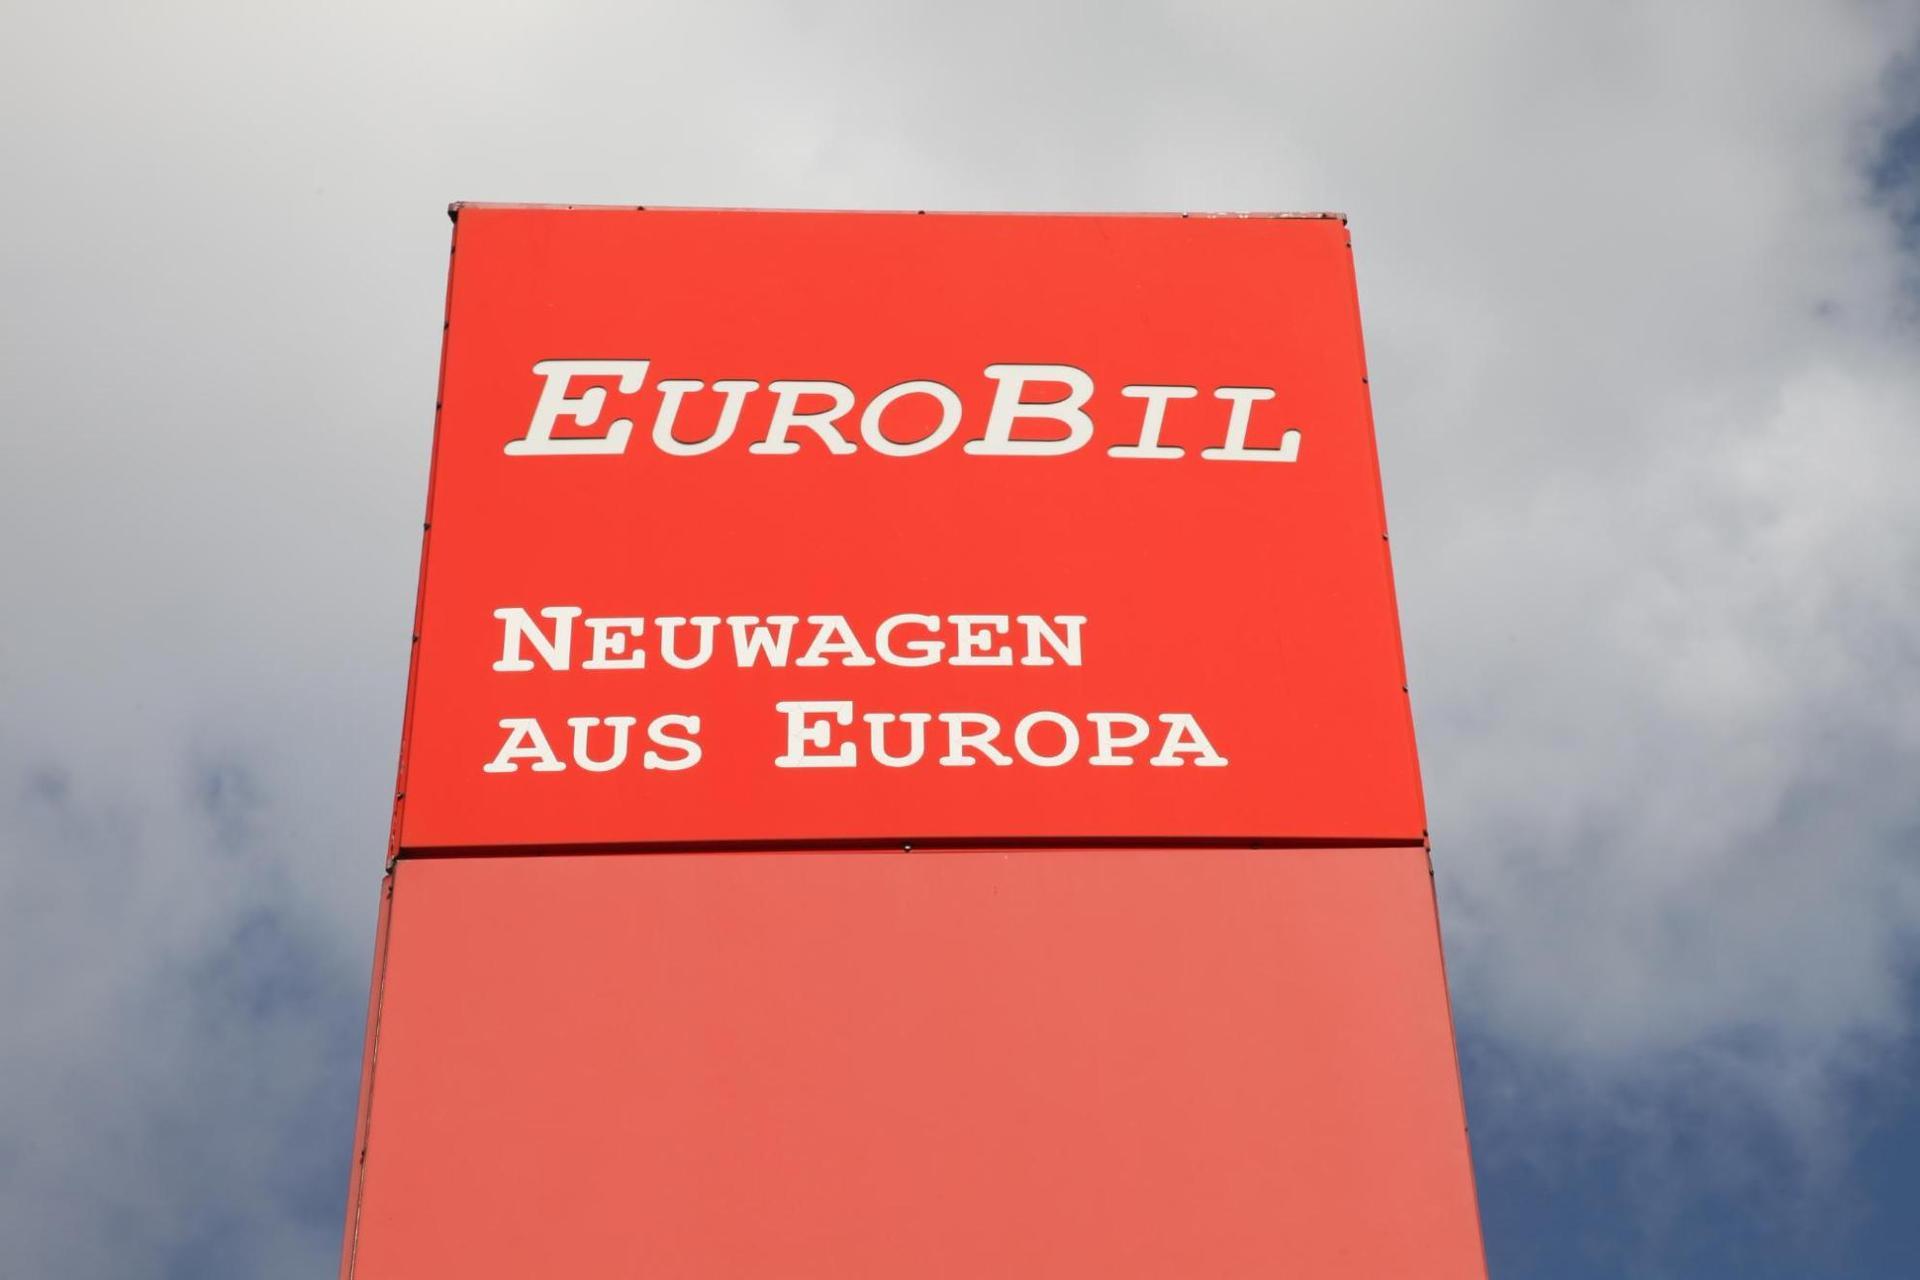 EuroBil - Neuwagen aus Europa - Ihr zuverlässiger Reimporteur seit über 20 Jahren